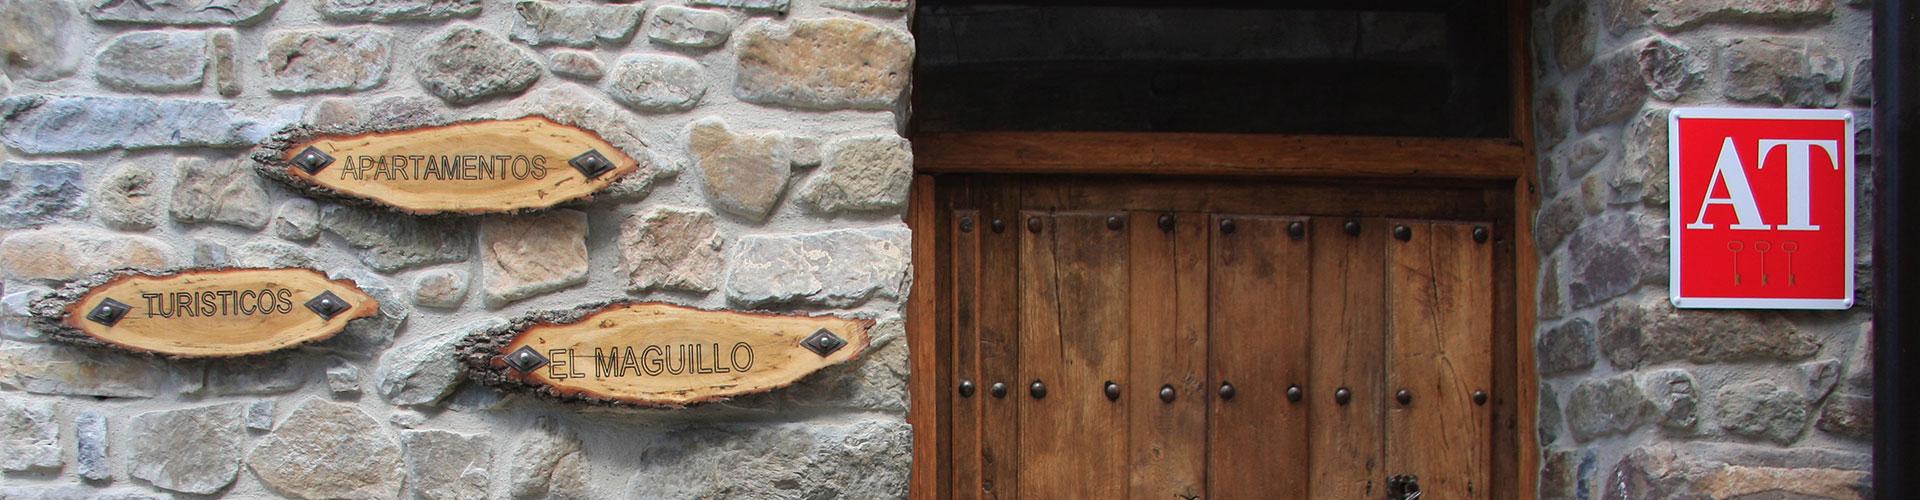 Apartamentos turísticos El Maguillo. Jalón de Cameros, La Rioja